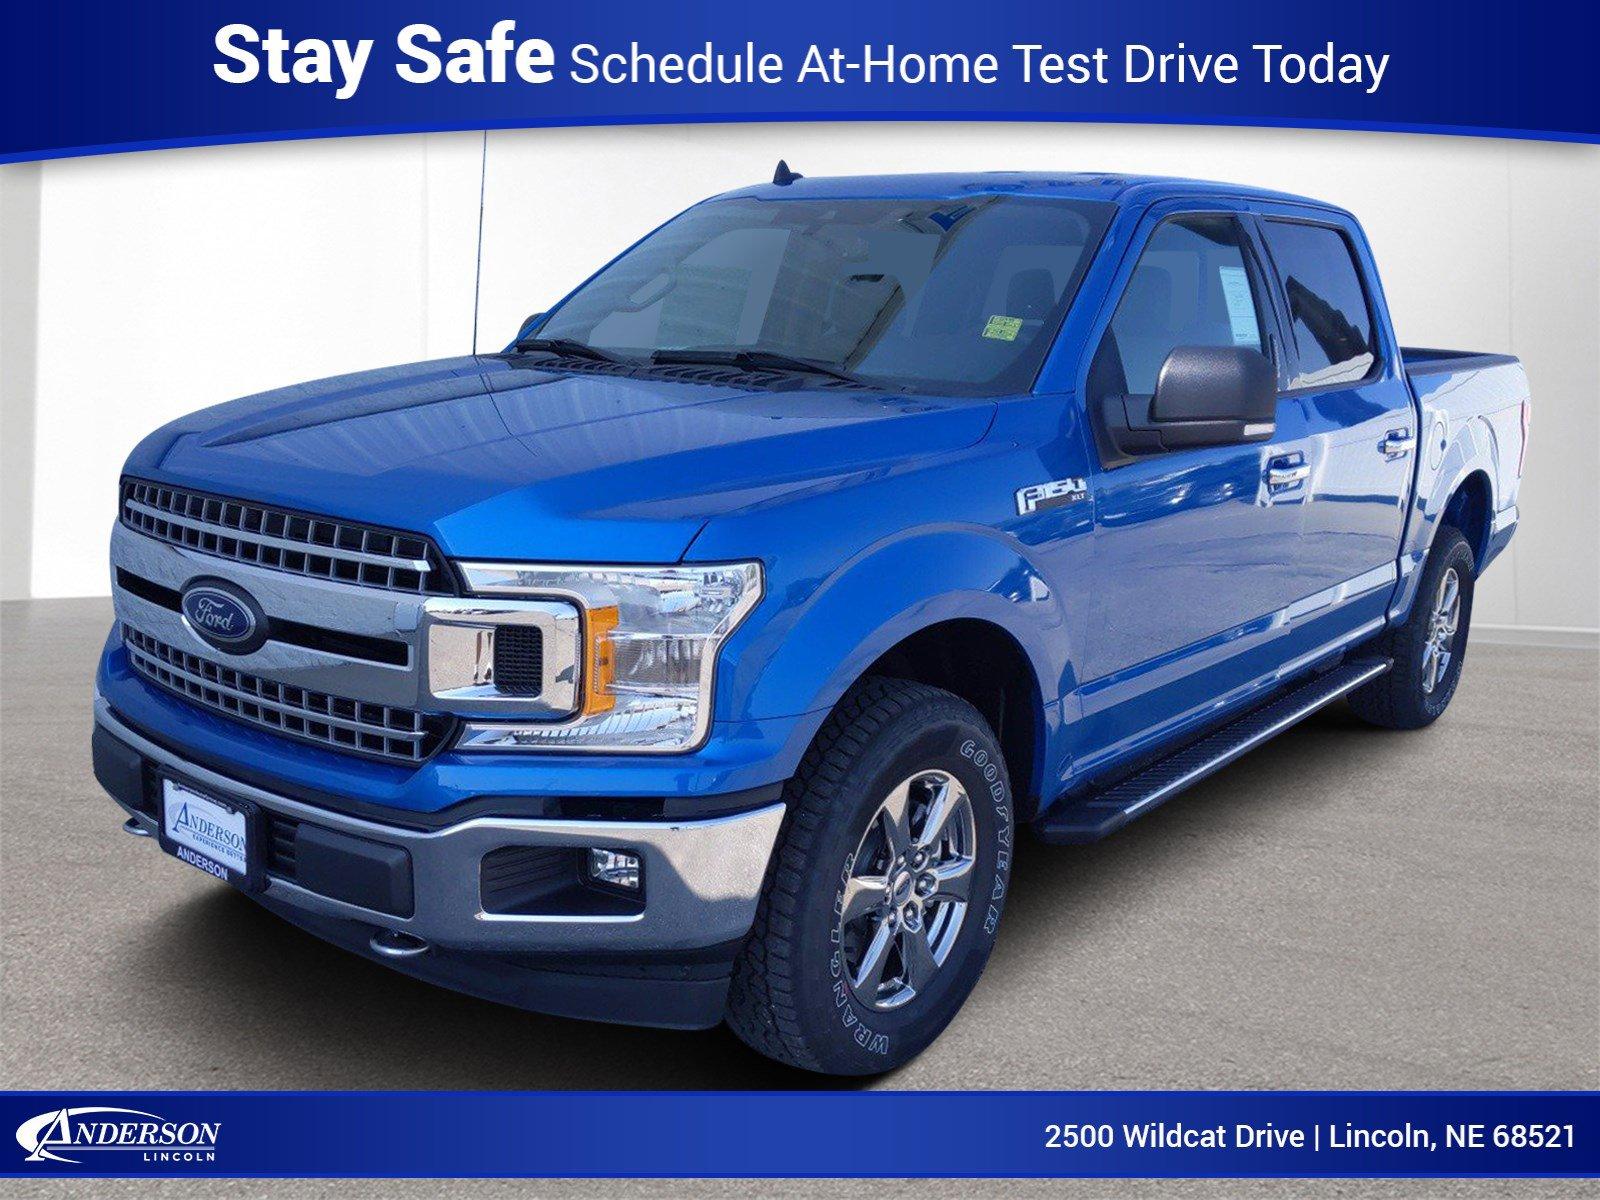 New 2020 Ford F-150  Stock: L22589